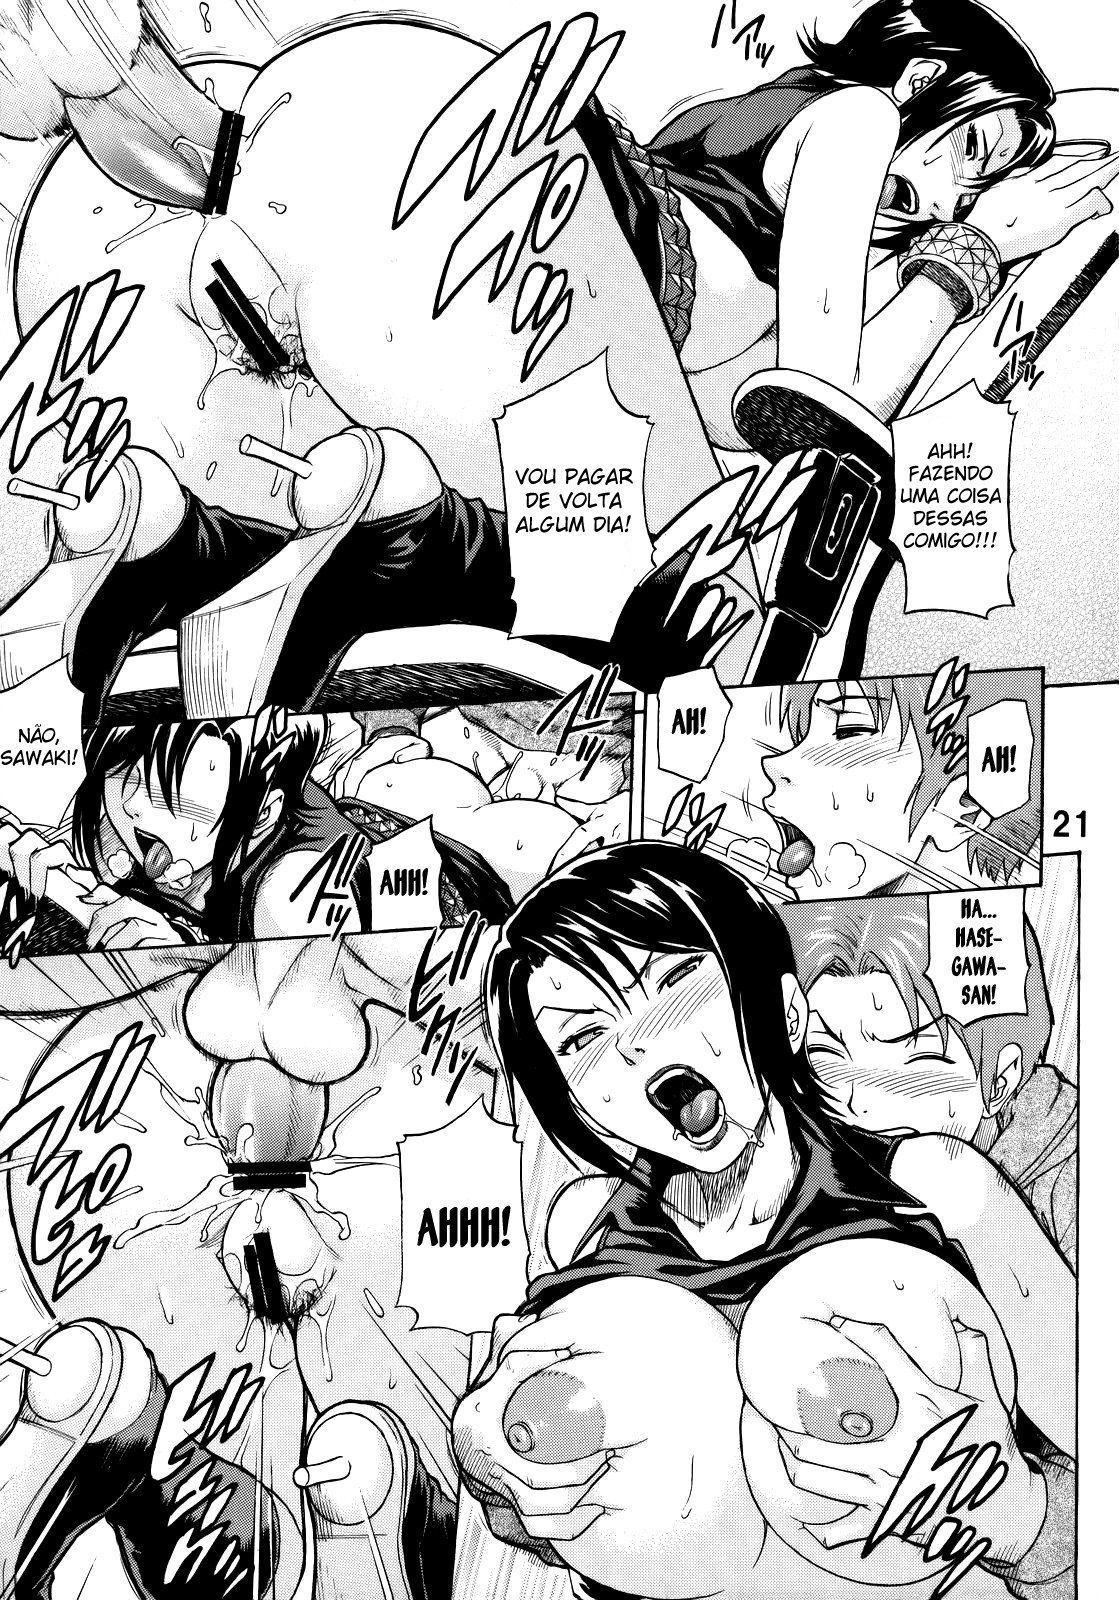 HentaiHome-Estreando-o-virgem-pervertido-20